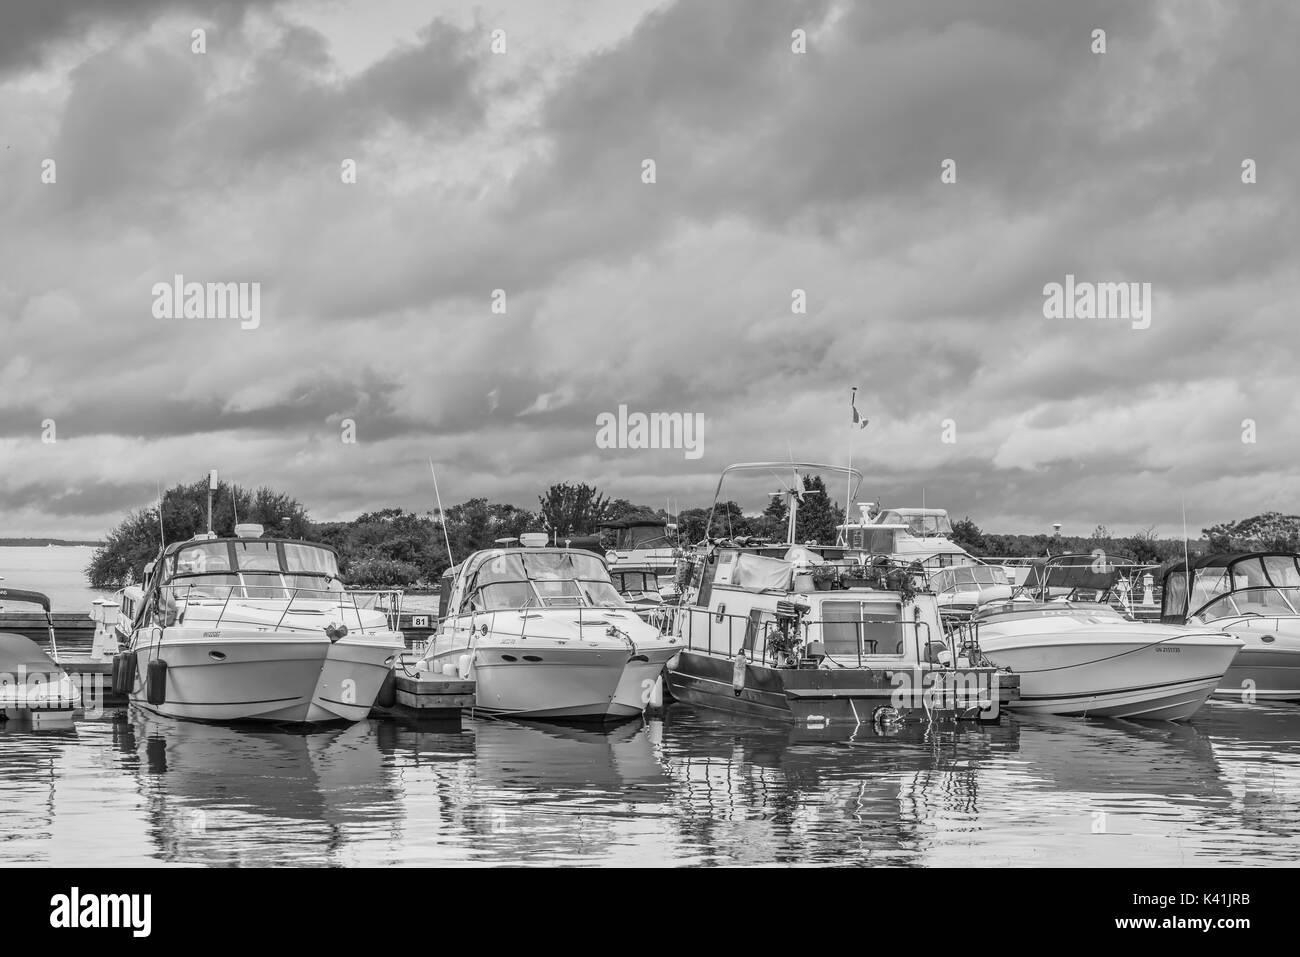 Se ciernen nubes de tormenta sobre el puerto en Orillia Ontario Canada como plesure barcos refugiarse. Foto de stock